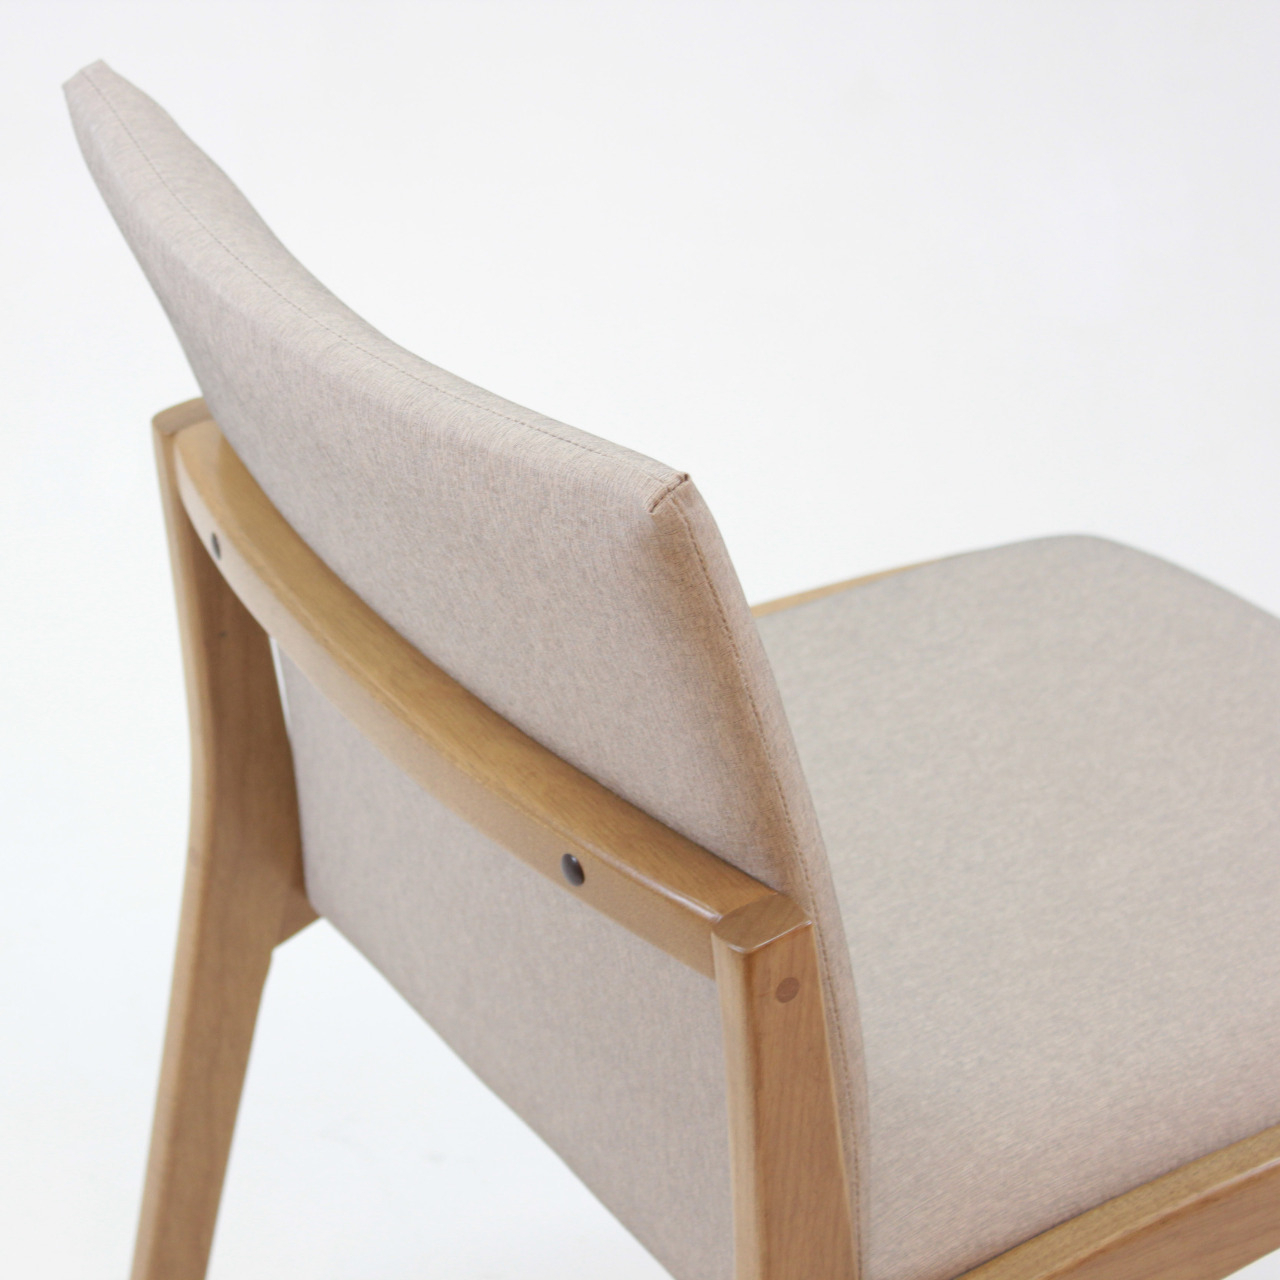 Cadeira Soul Madeira Maciça Design Exclusivo by Studio Artesian